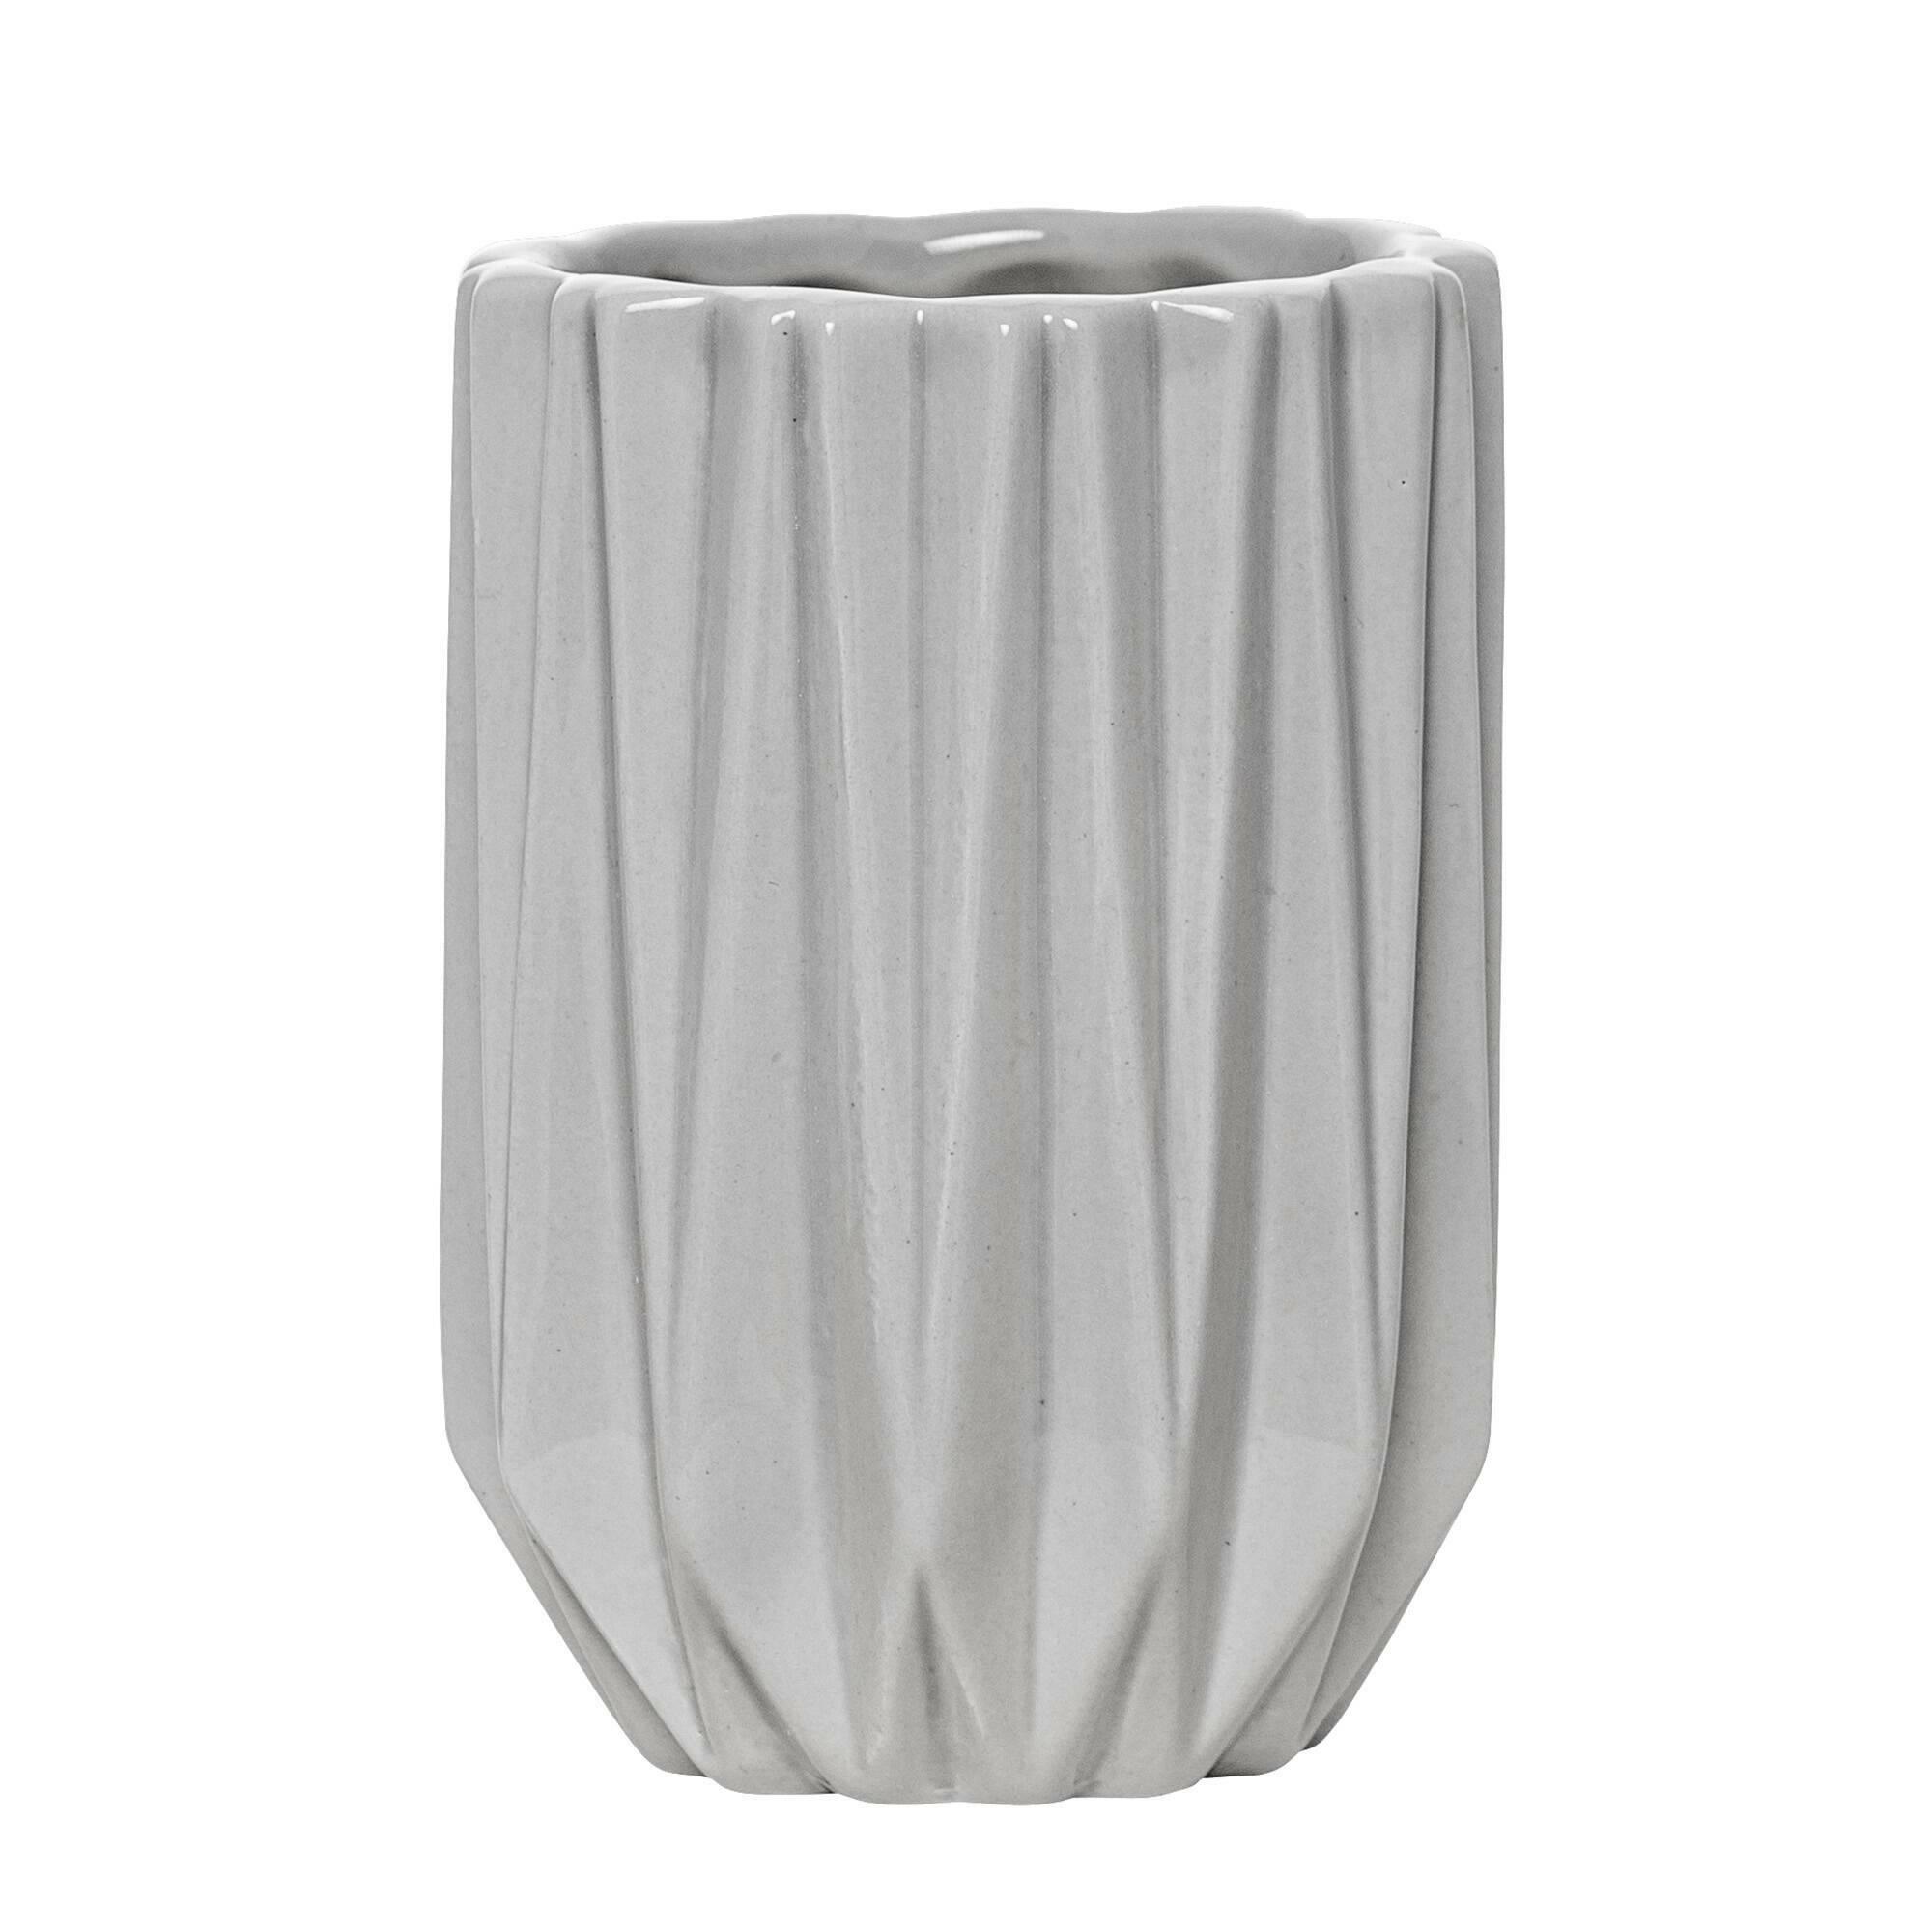 Стаканчик для ванных принадлежностей Geometric GreyРазное<br><br><br>stock: 0<br>Высота: 11<br>Материал: Керамика<br>Цвет: Серый<br>Диаметр: 7,5